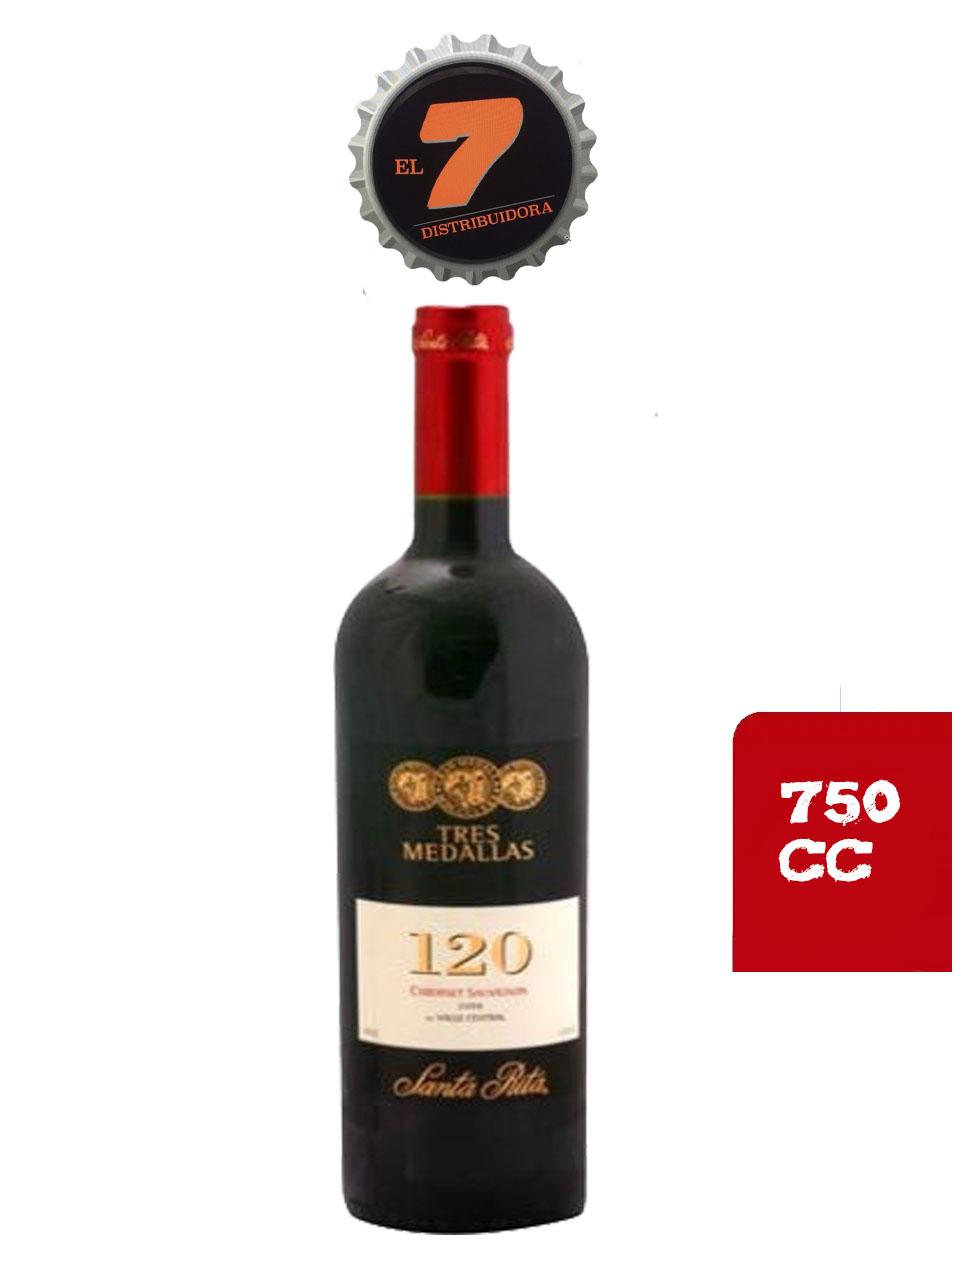 120 3 Medallas 750 CC Cabernet Sauvignon